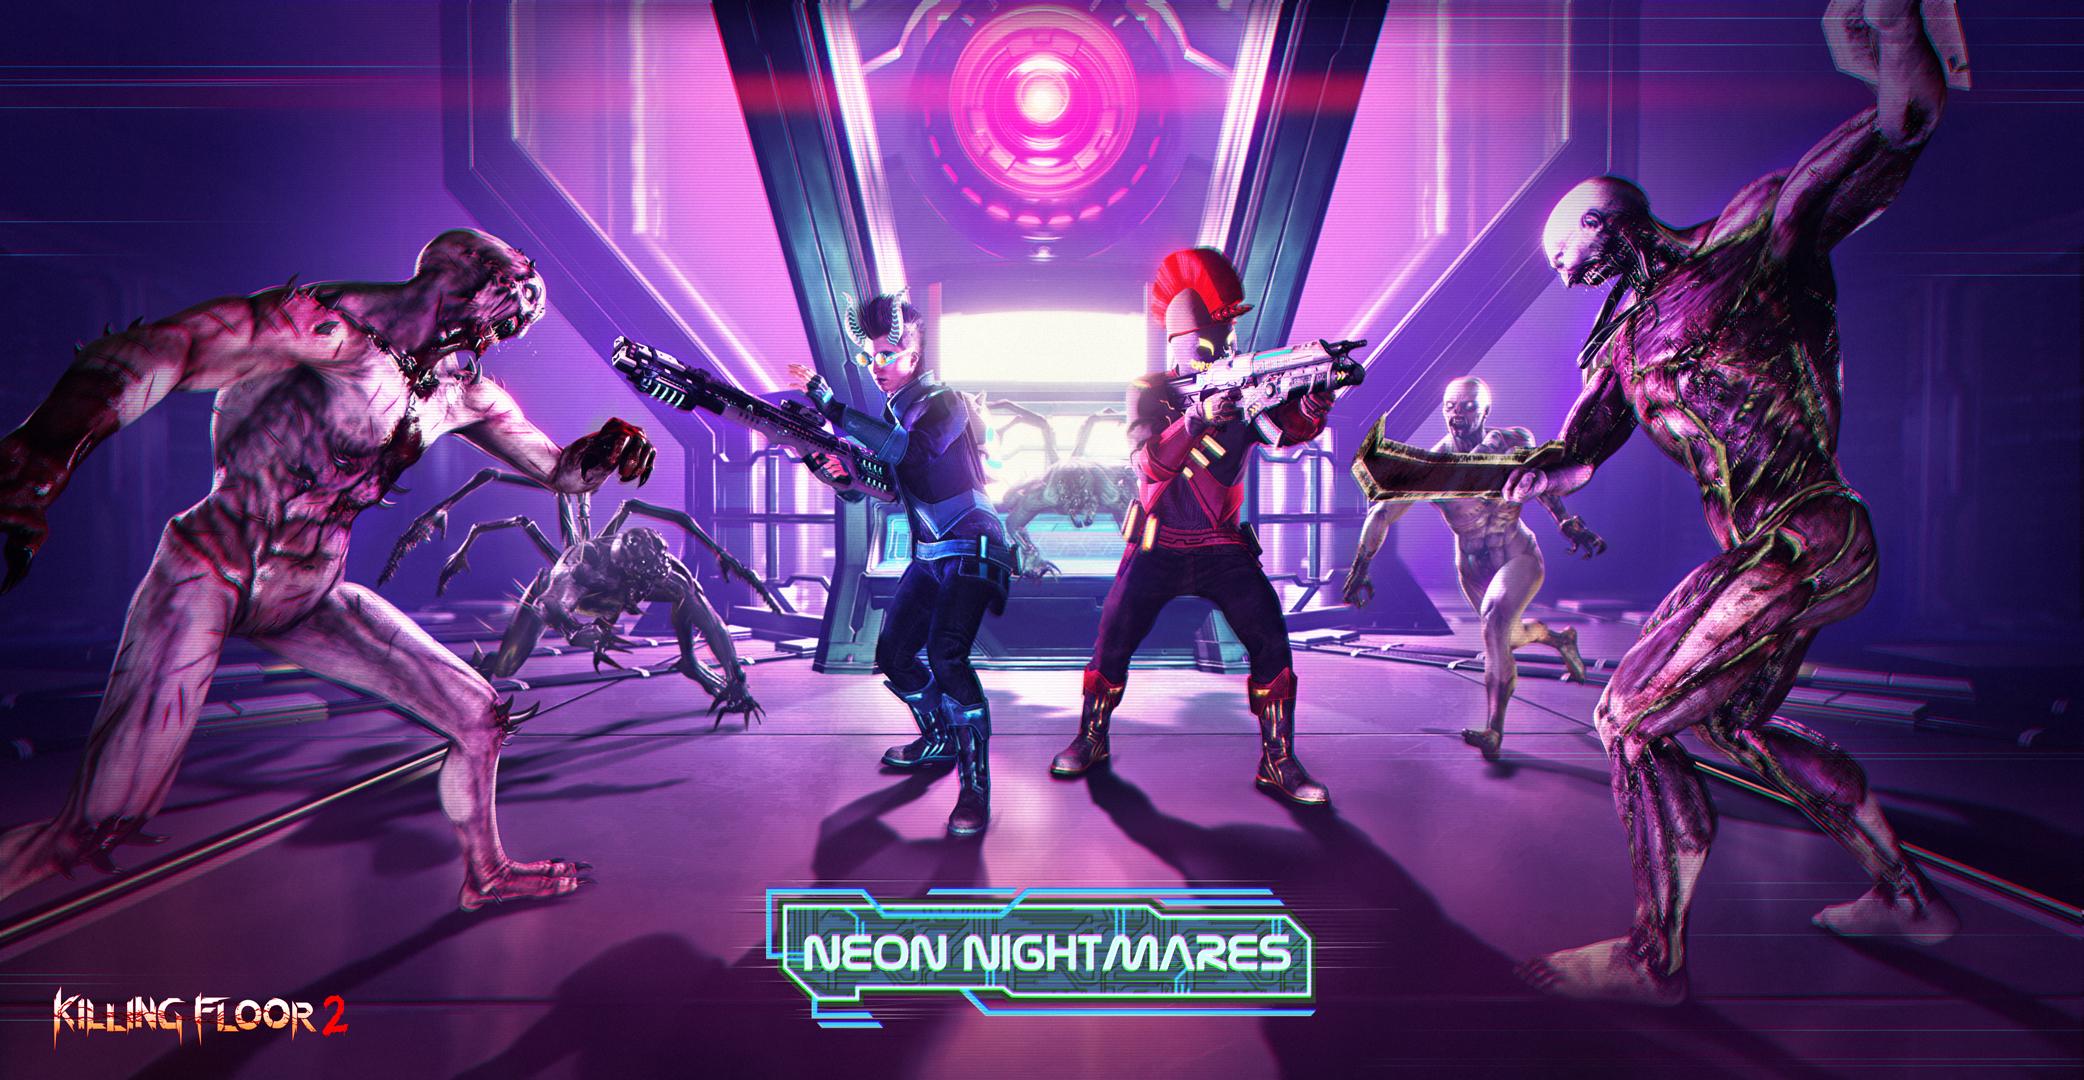 Neon Nightmares